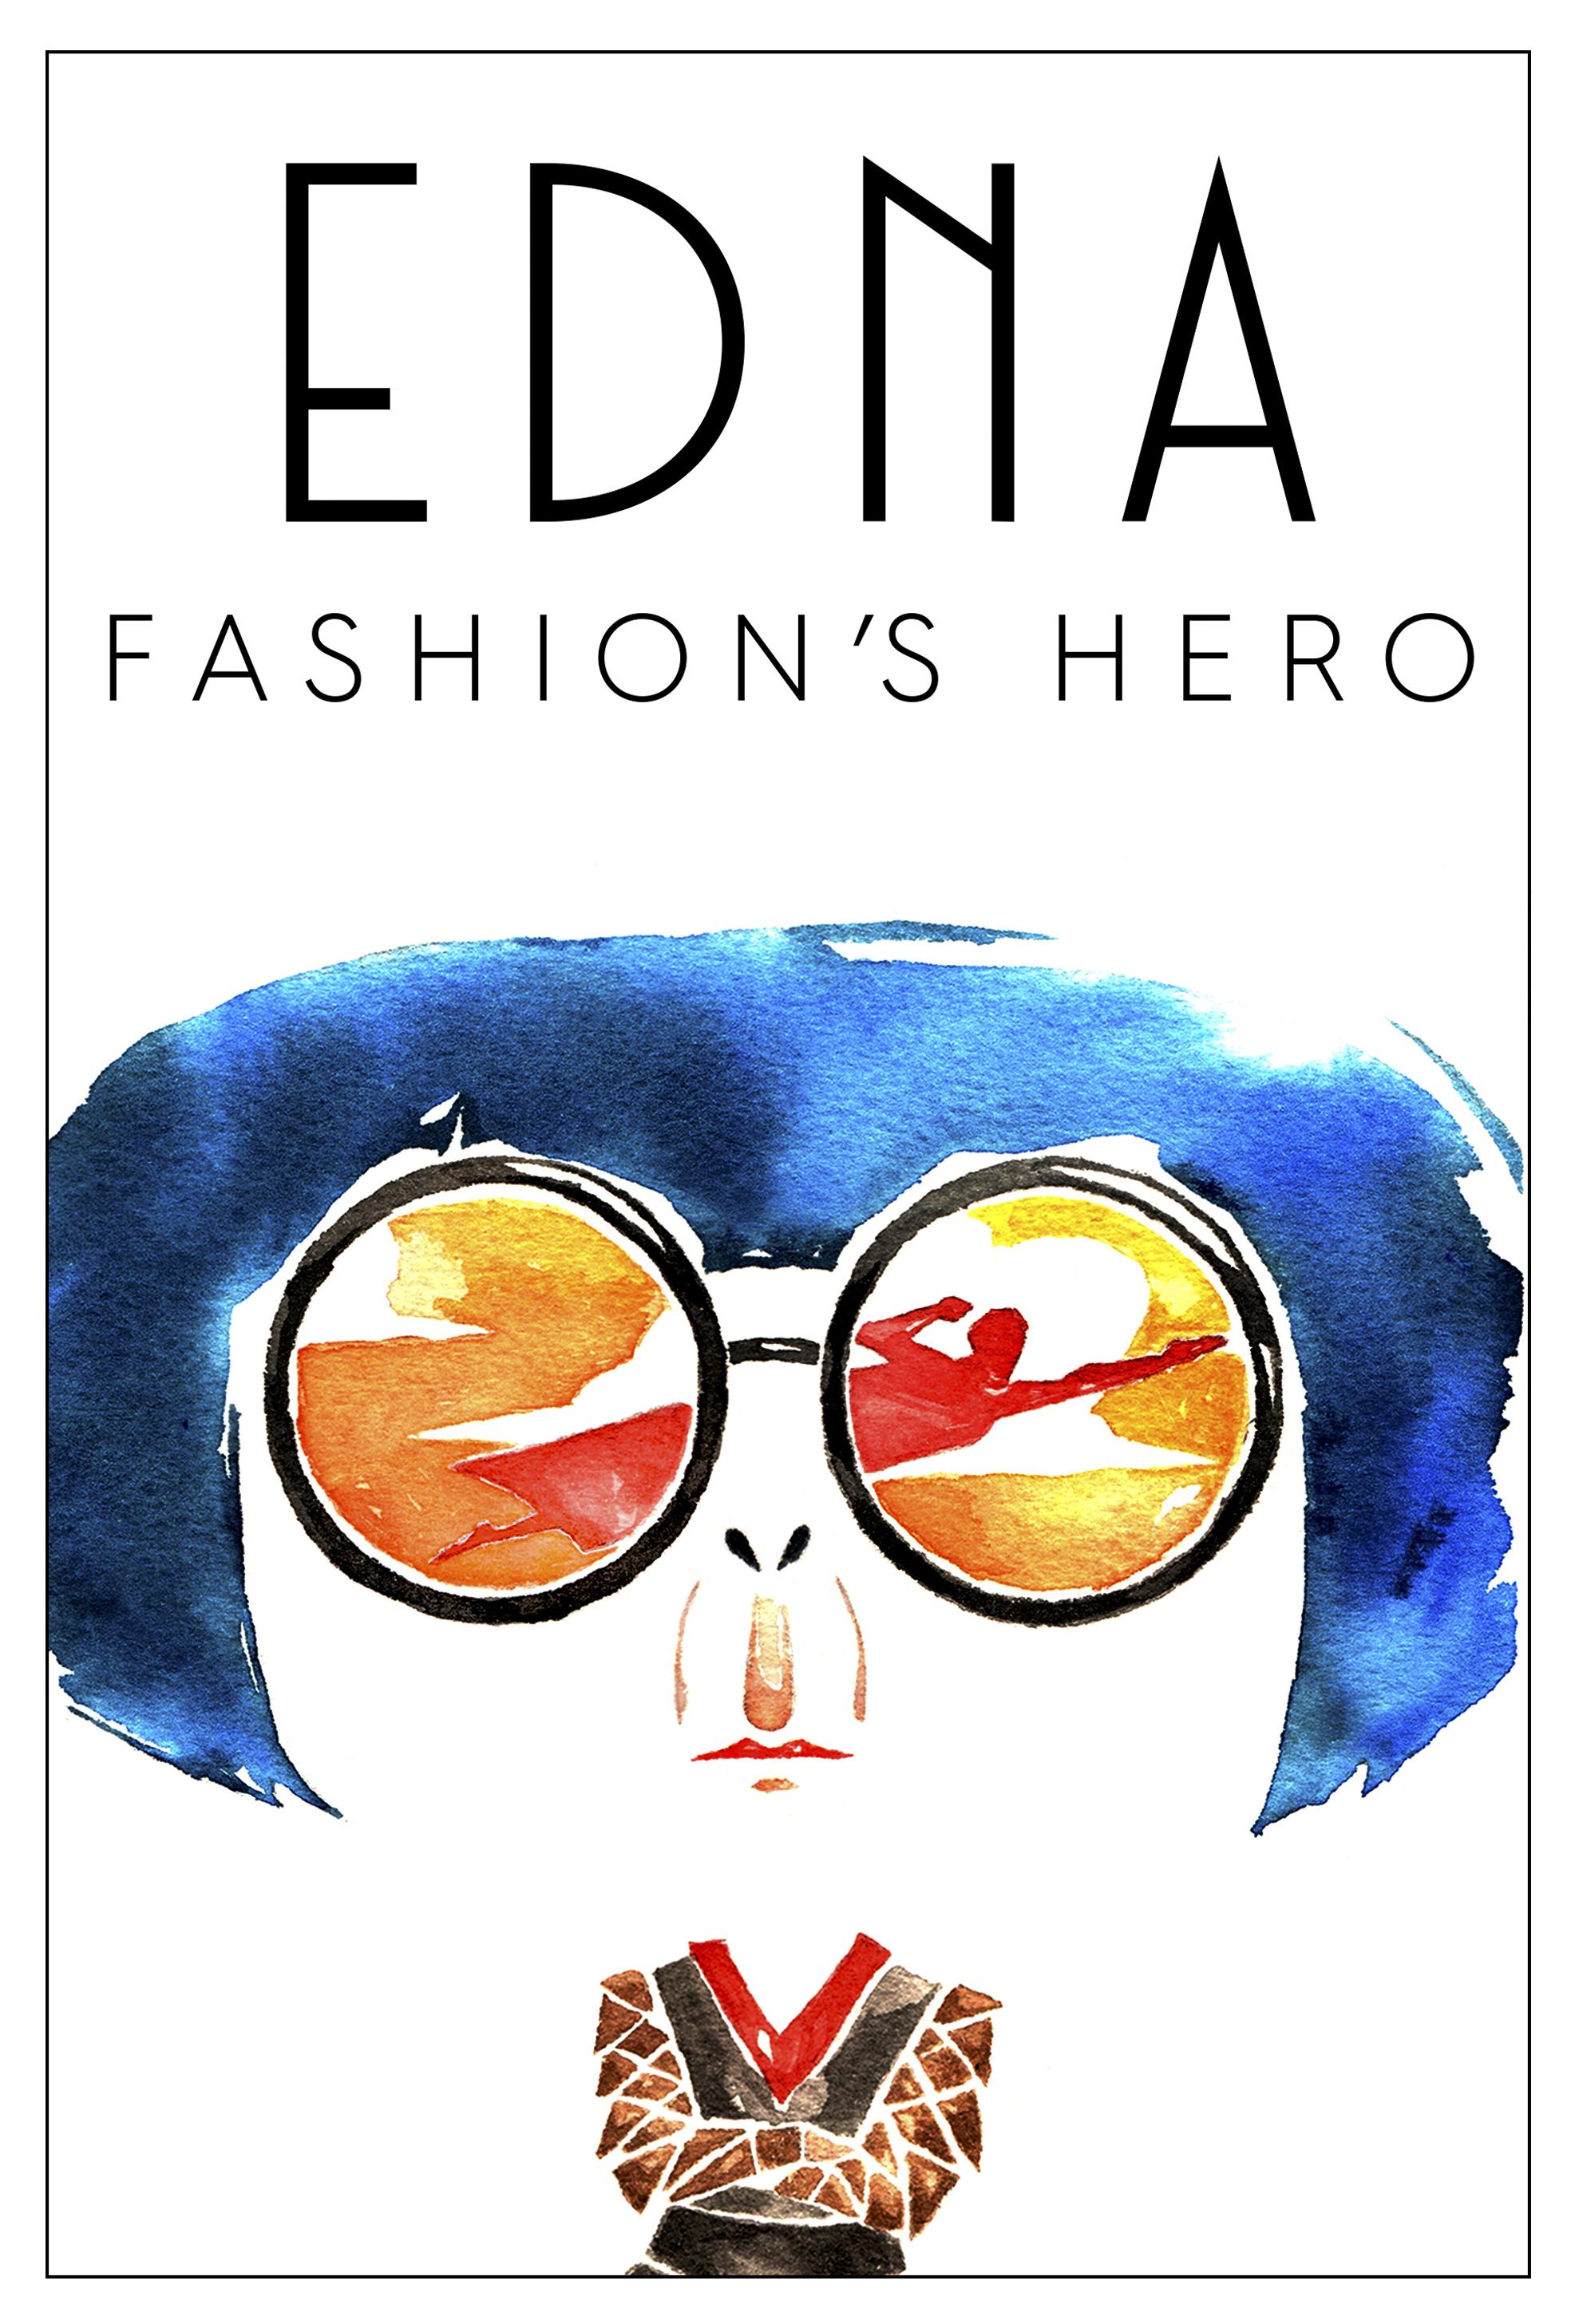 hero's fashion